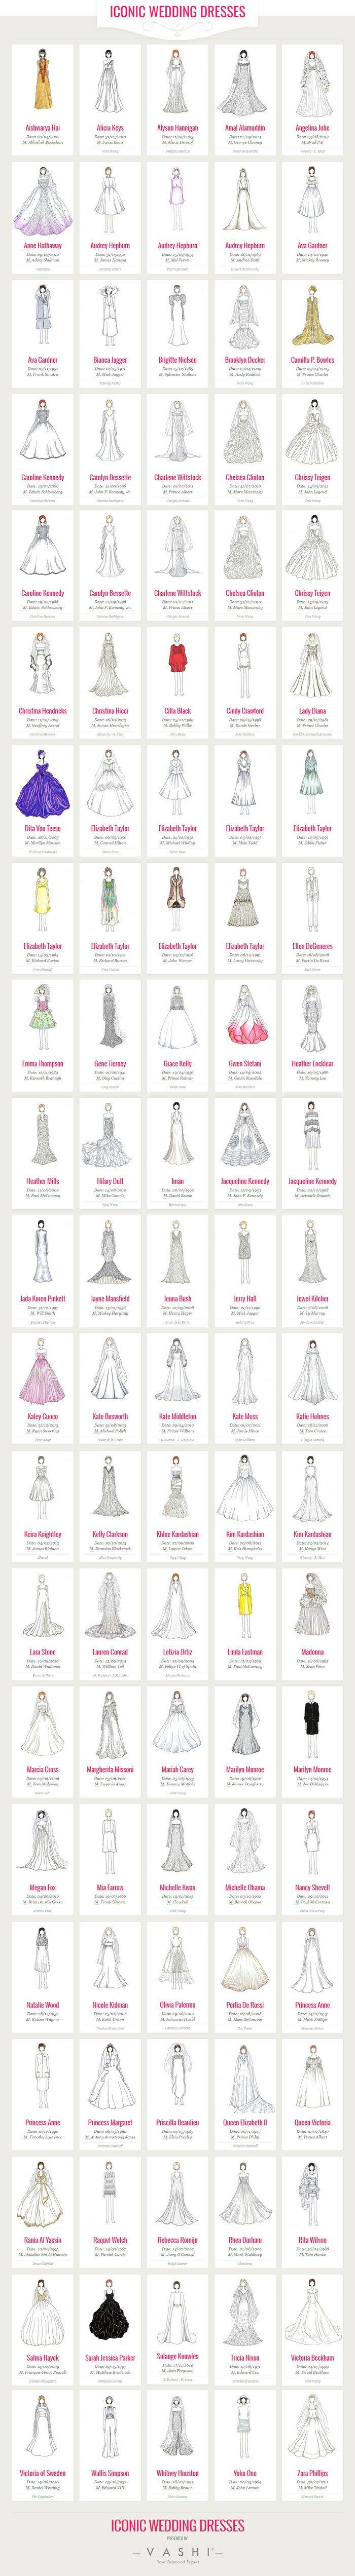 vjenčanice poznatih infographic